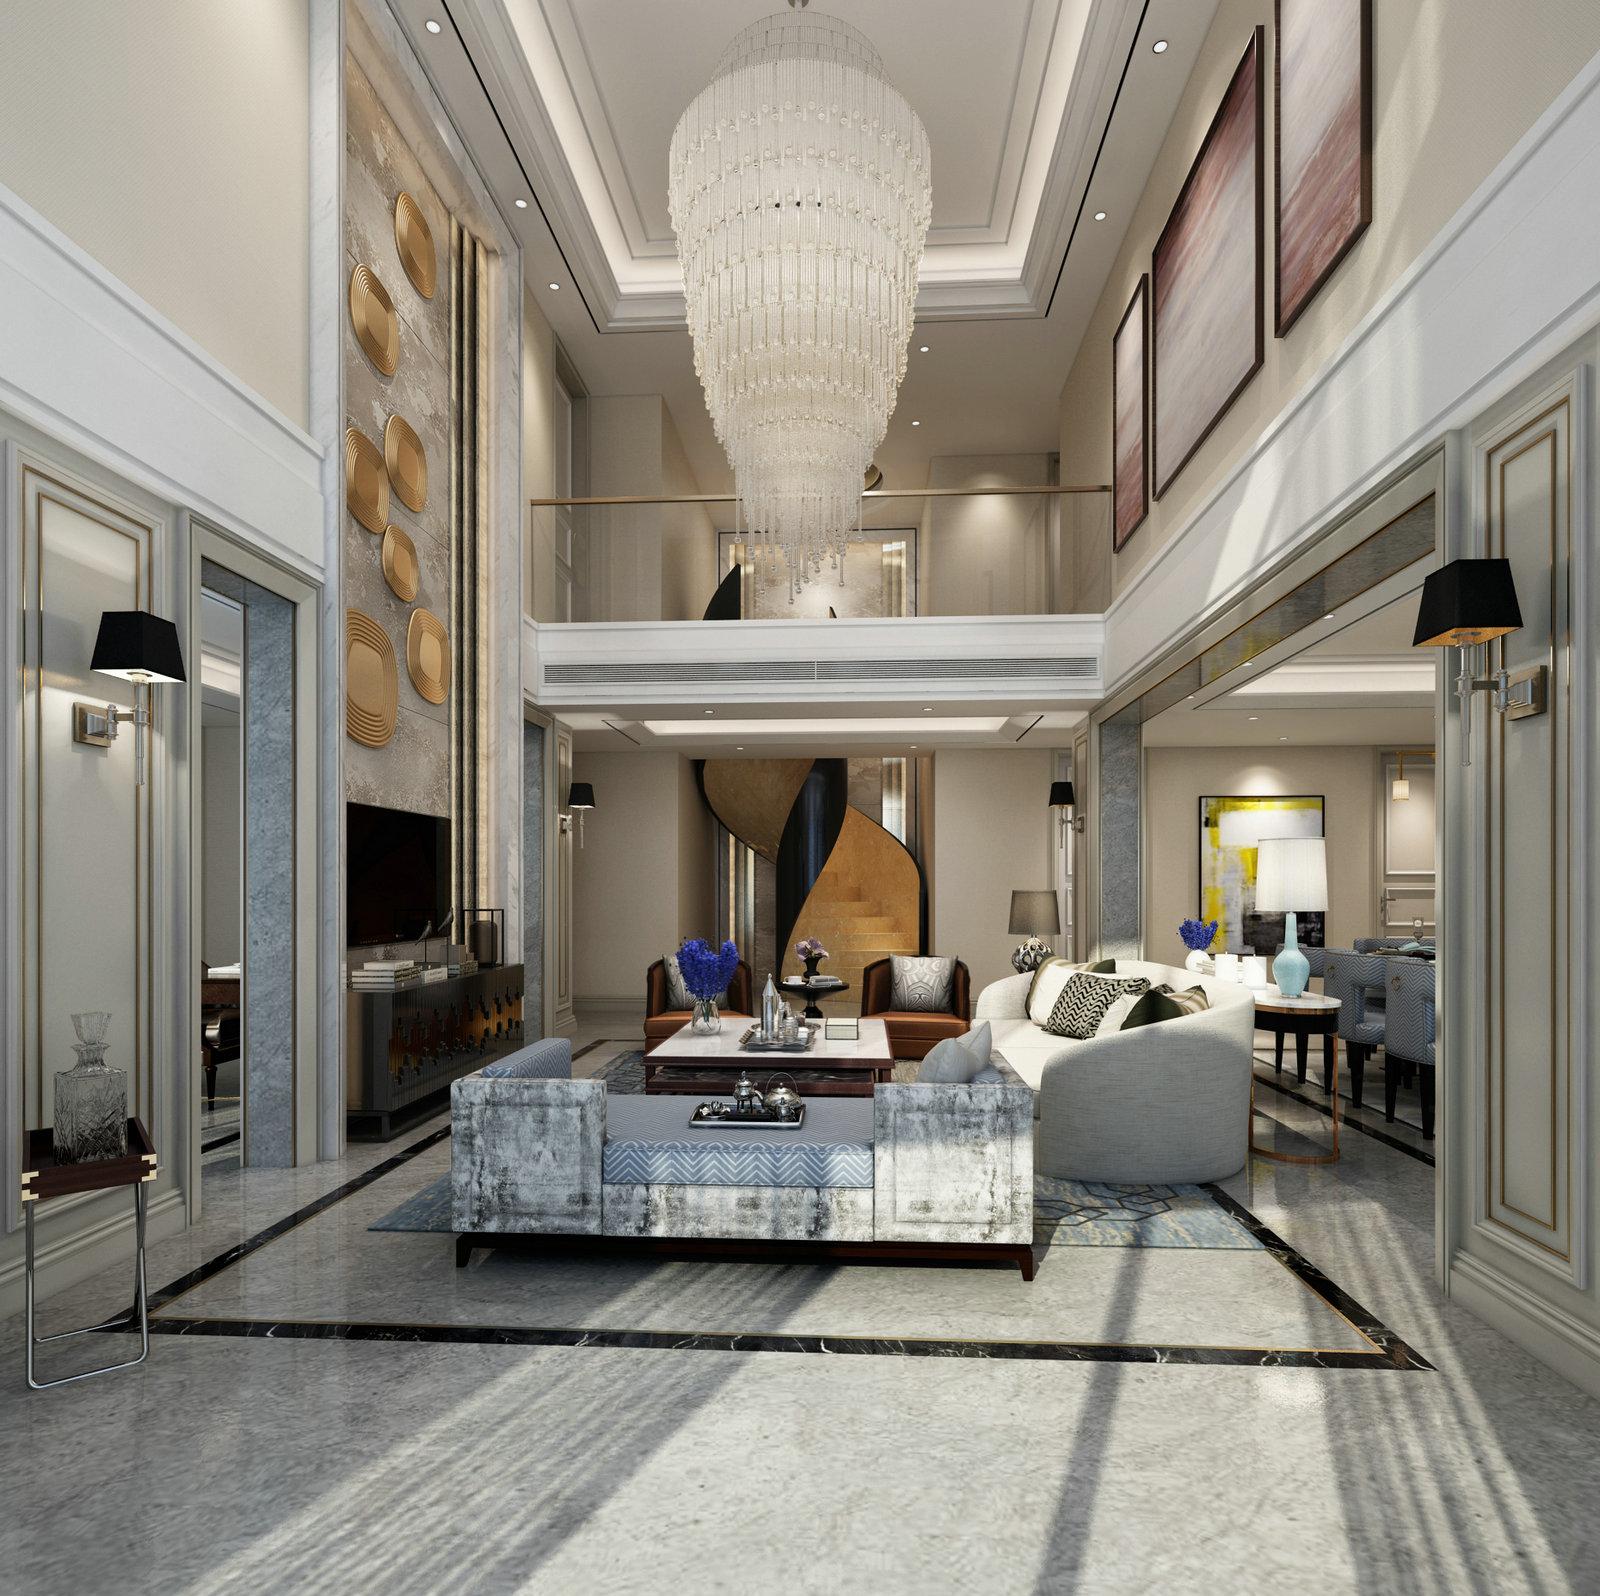 北京国际丽都城混搭风格复式装修效果图_200平米40万图片